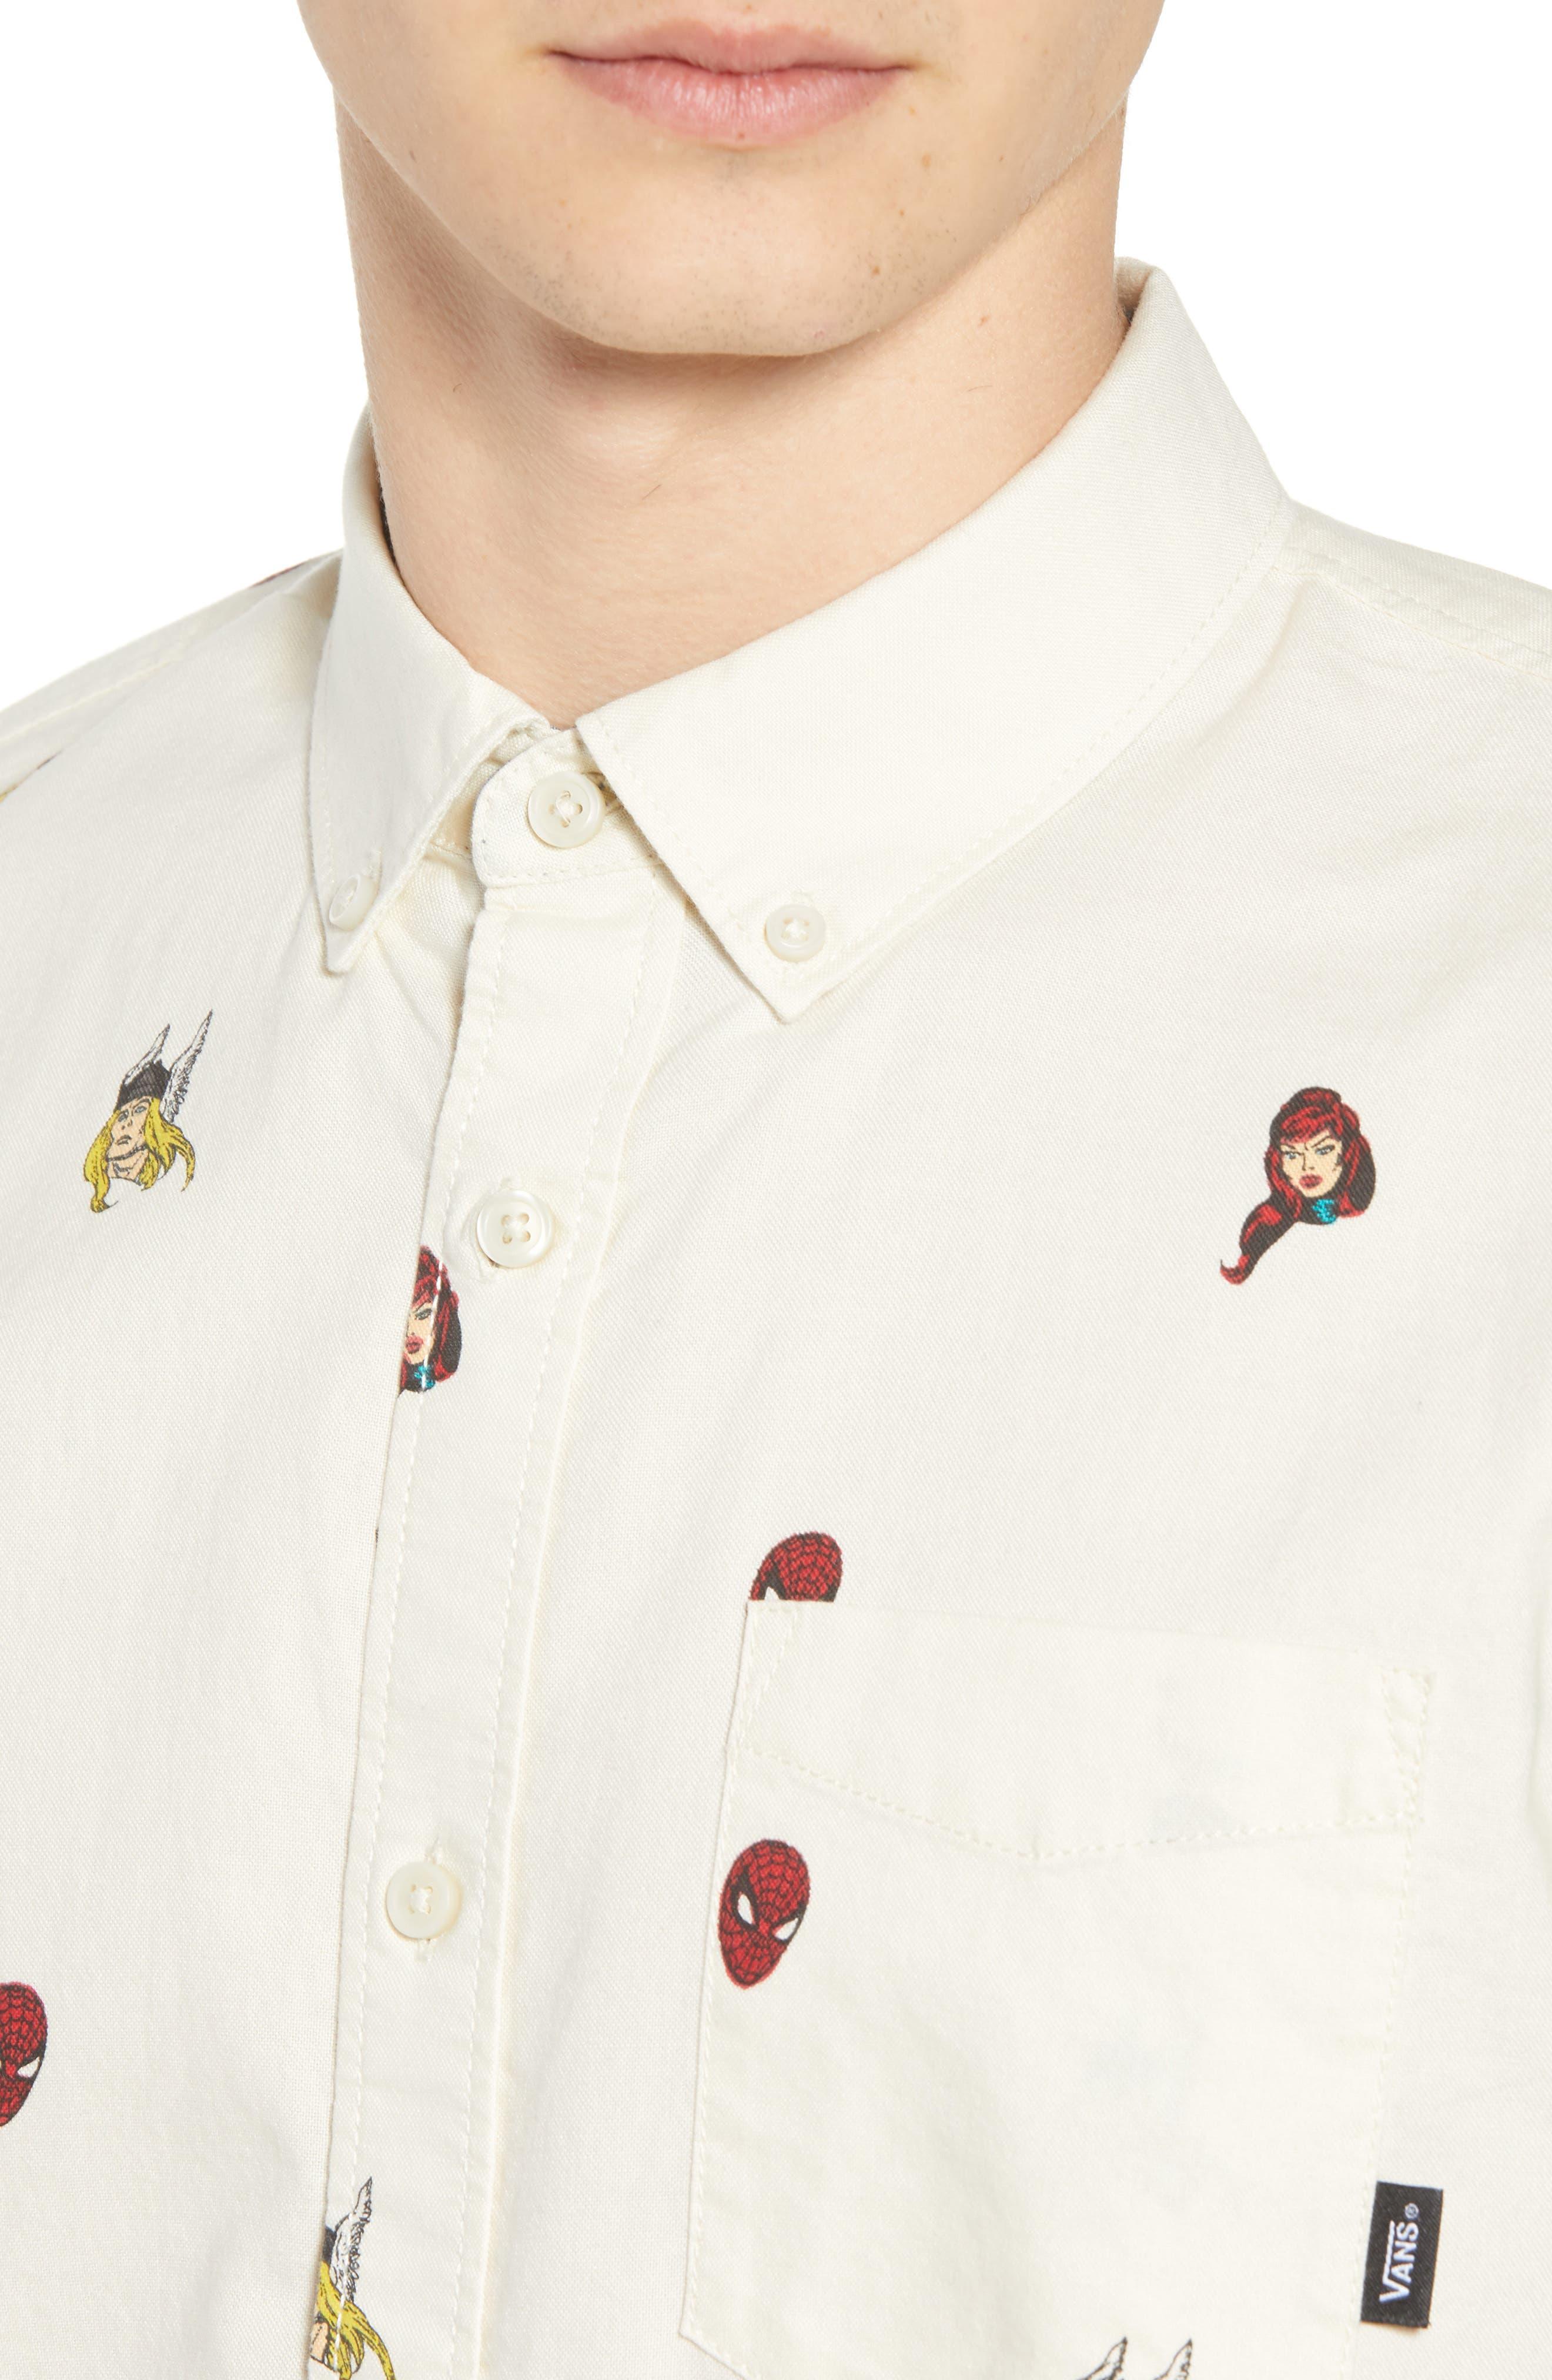 x Marvel<sup>®</sup> Houser Woven Shirt,                             Alternate thumbnail 2, color,                             Marvel Avengers